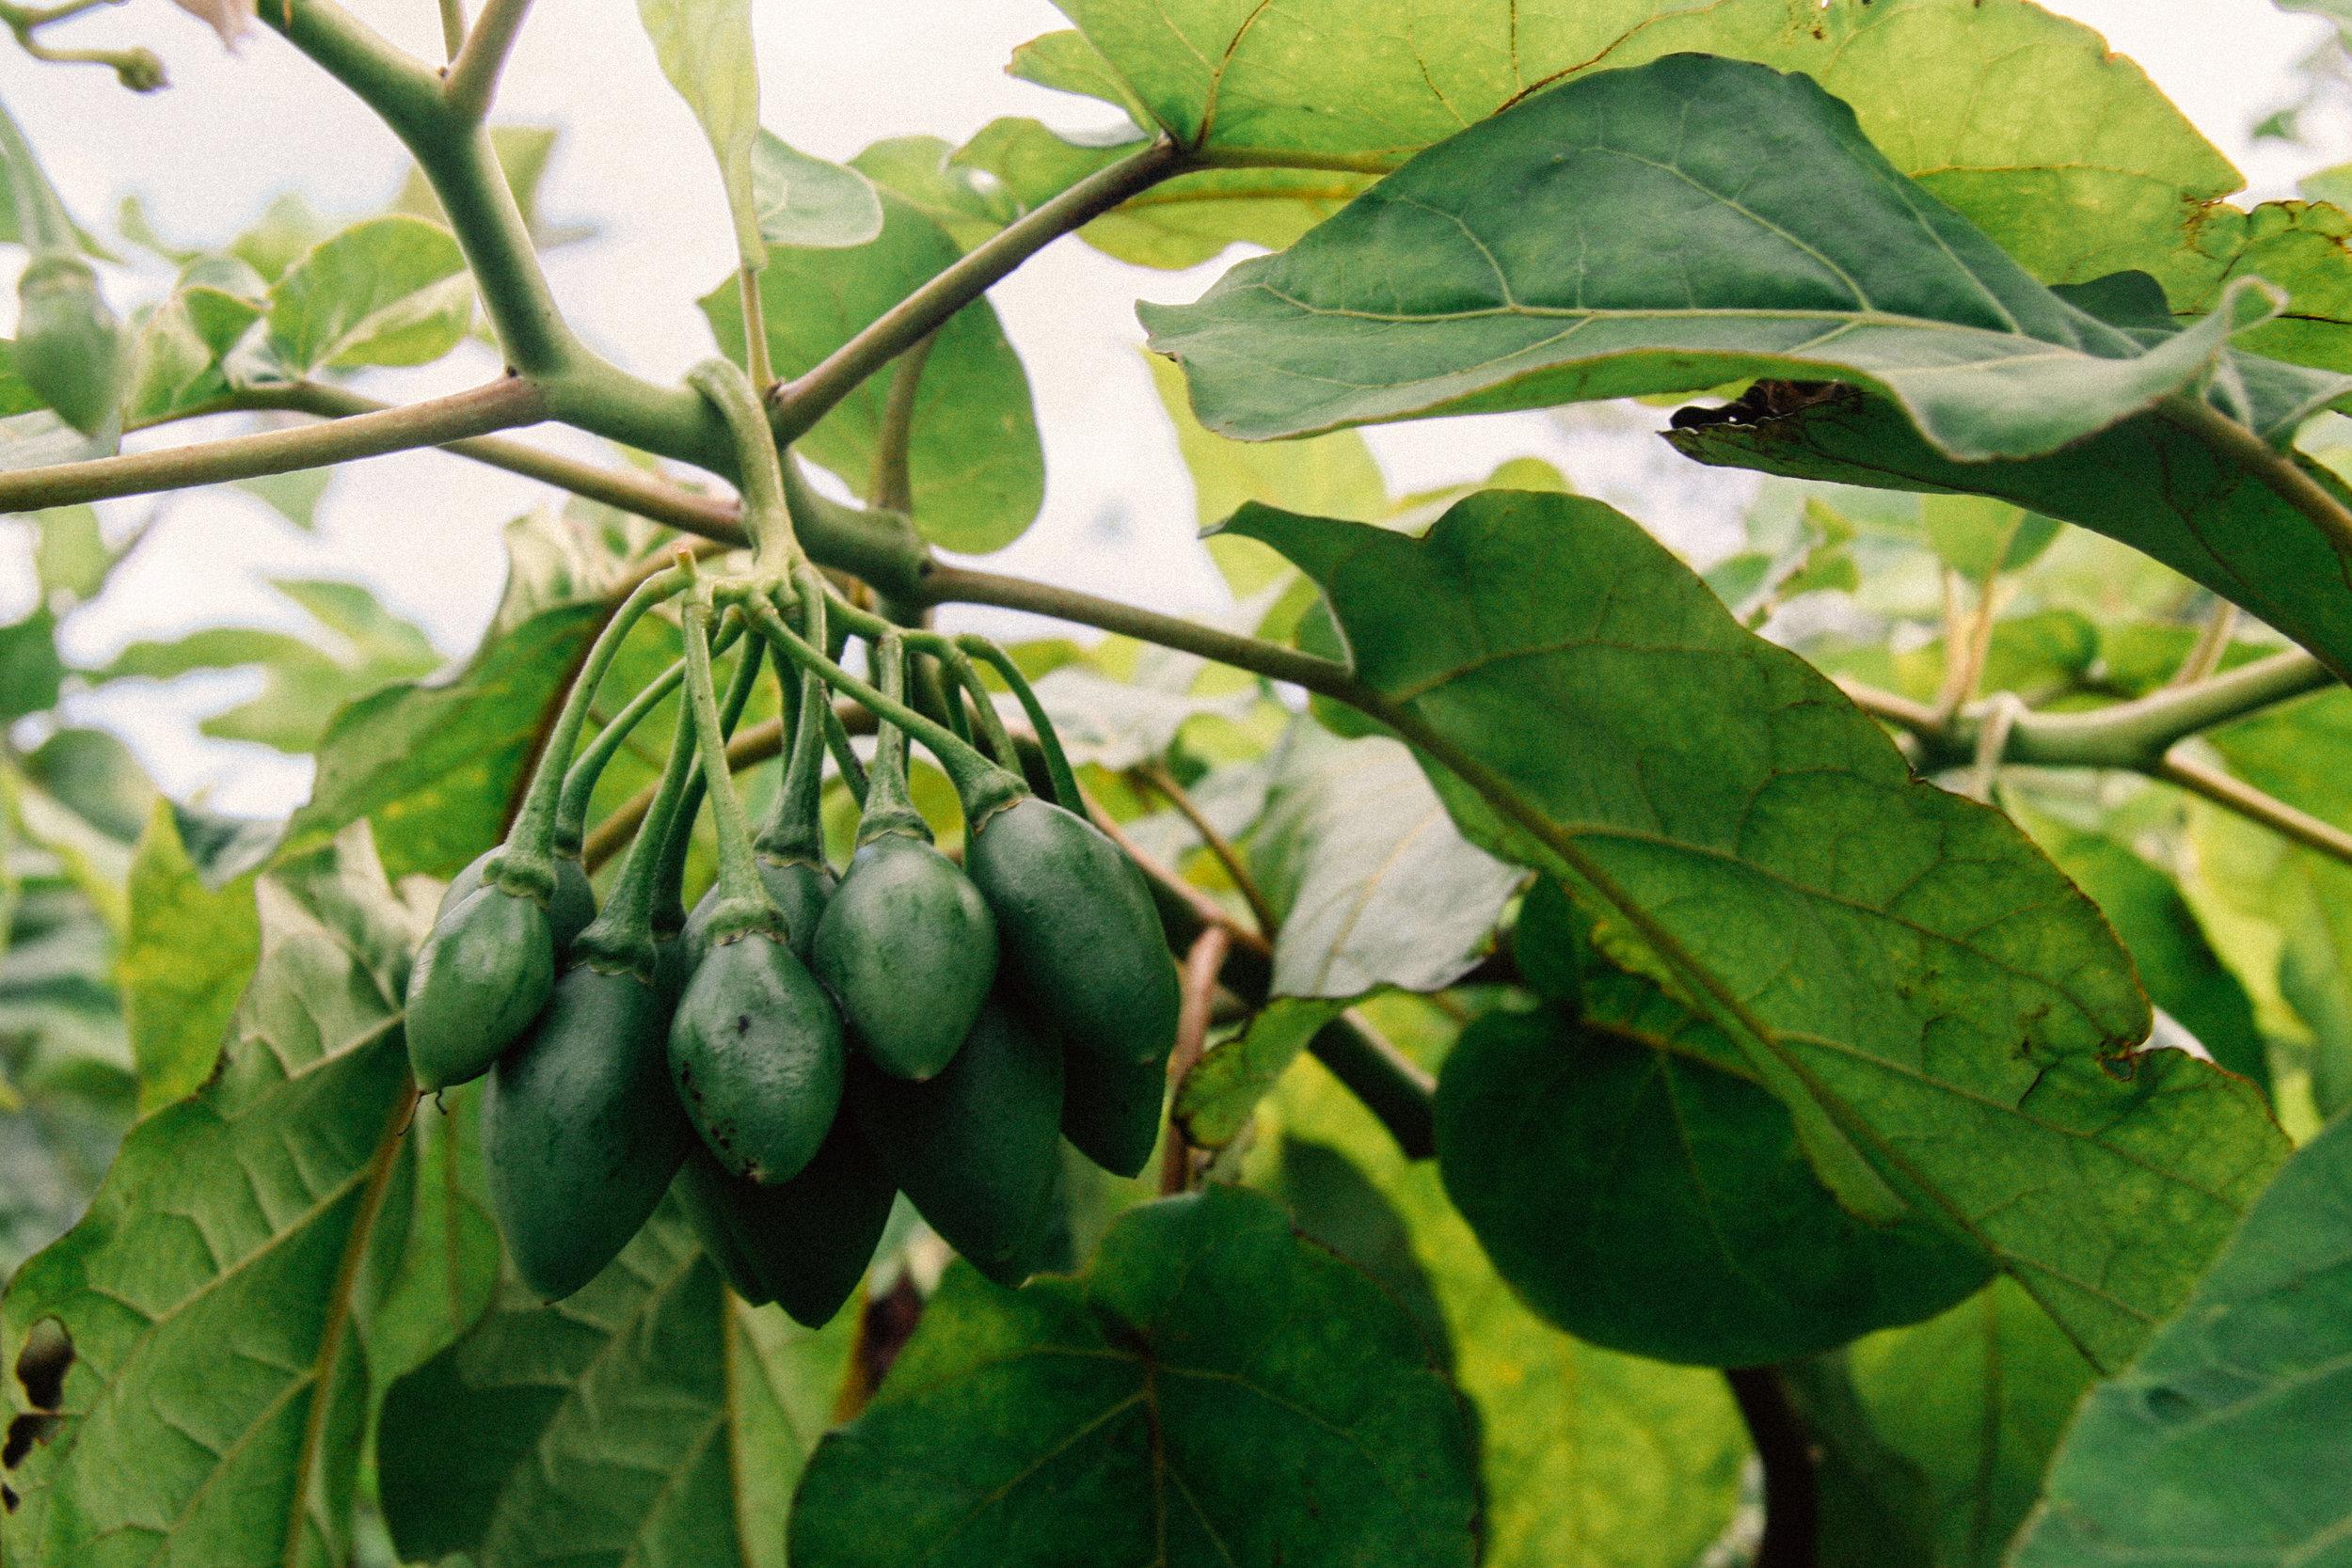 Tamarillo,  Solanum betaceum  (Solanaceae)